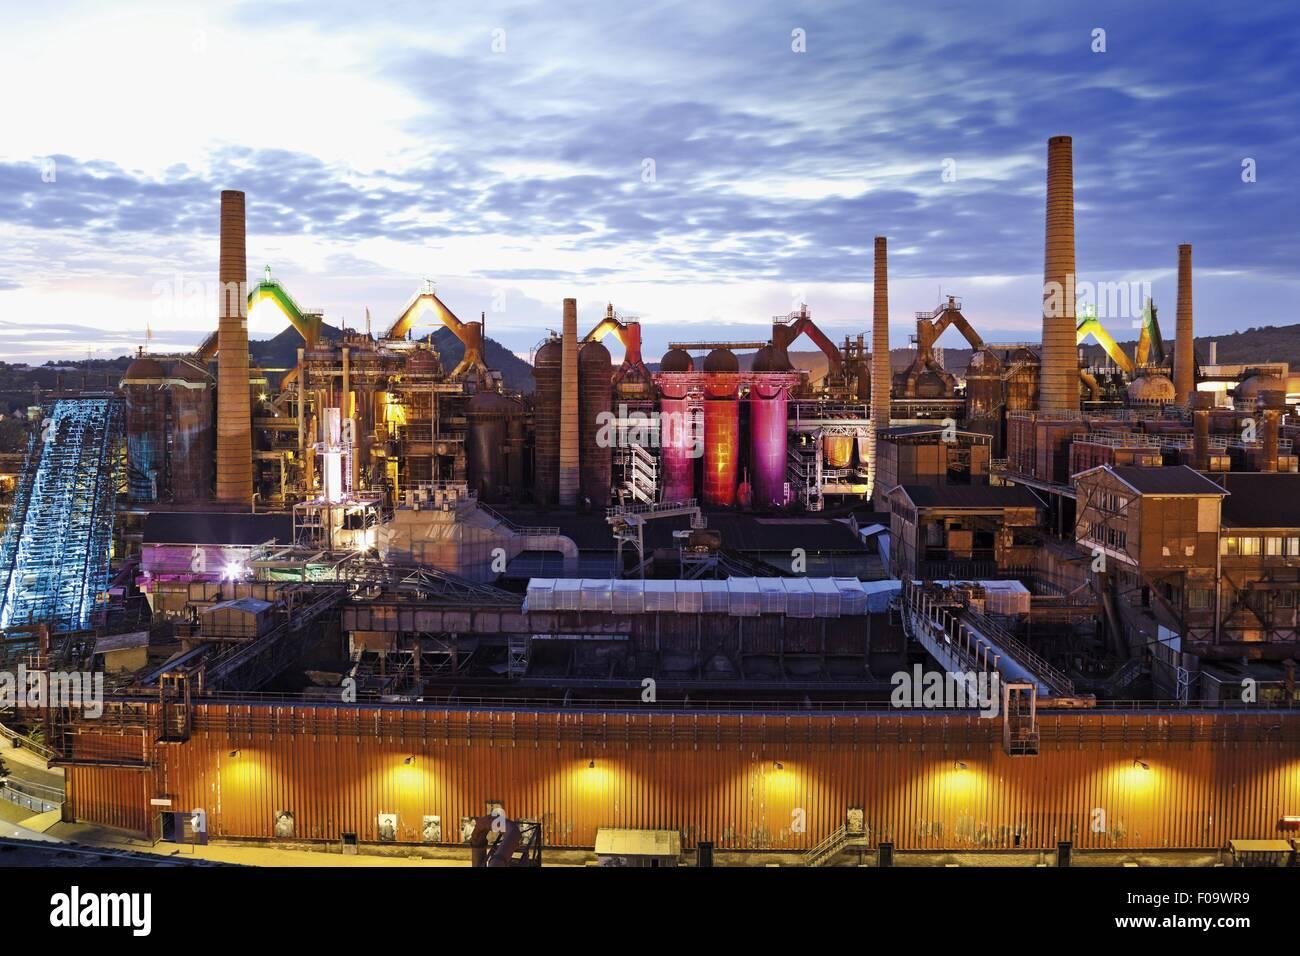 View of industry at Volklingen, Saarbrucken, Saarland, Germany Stock Photo